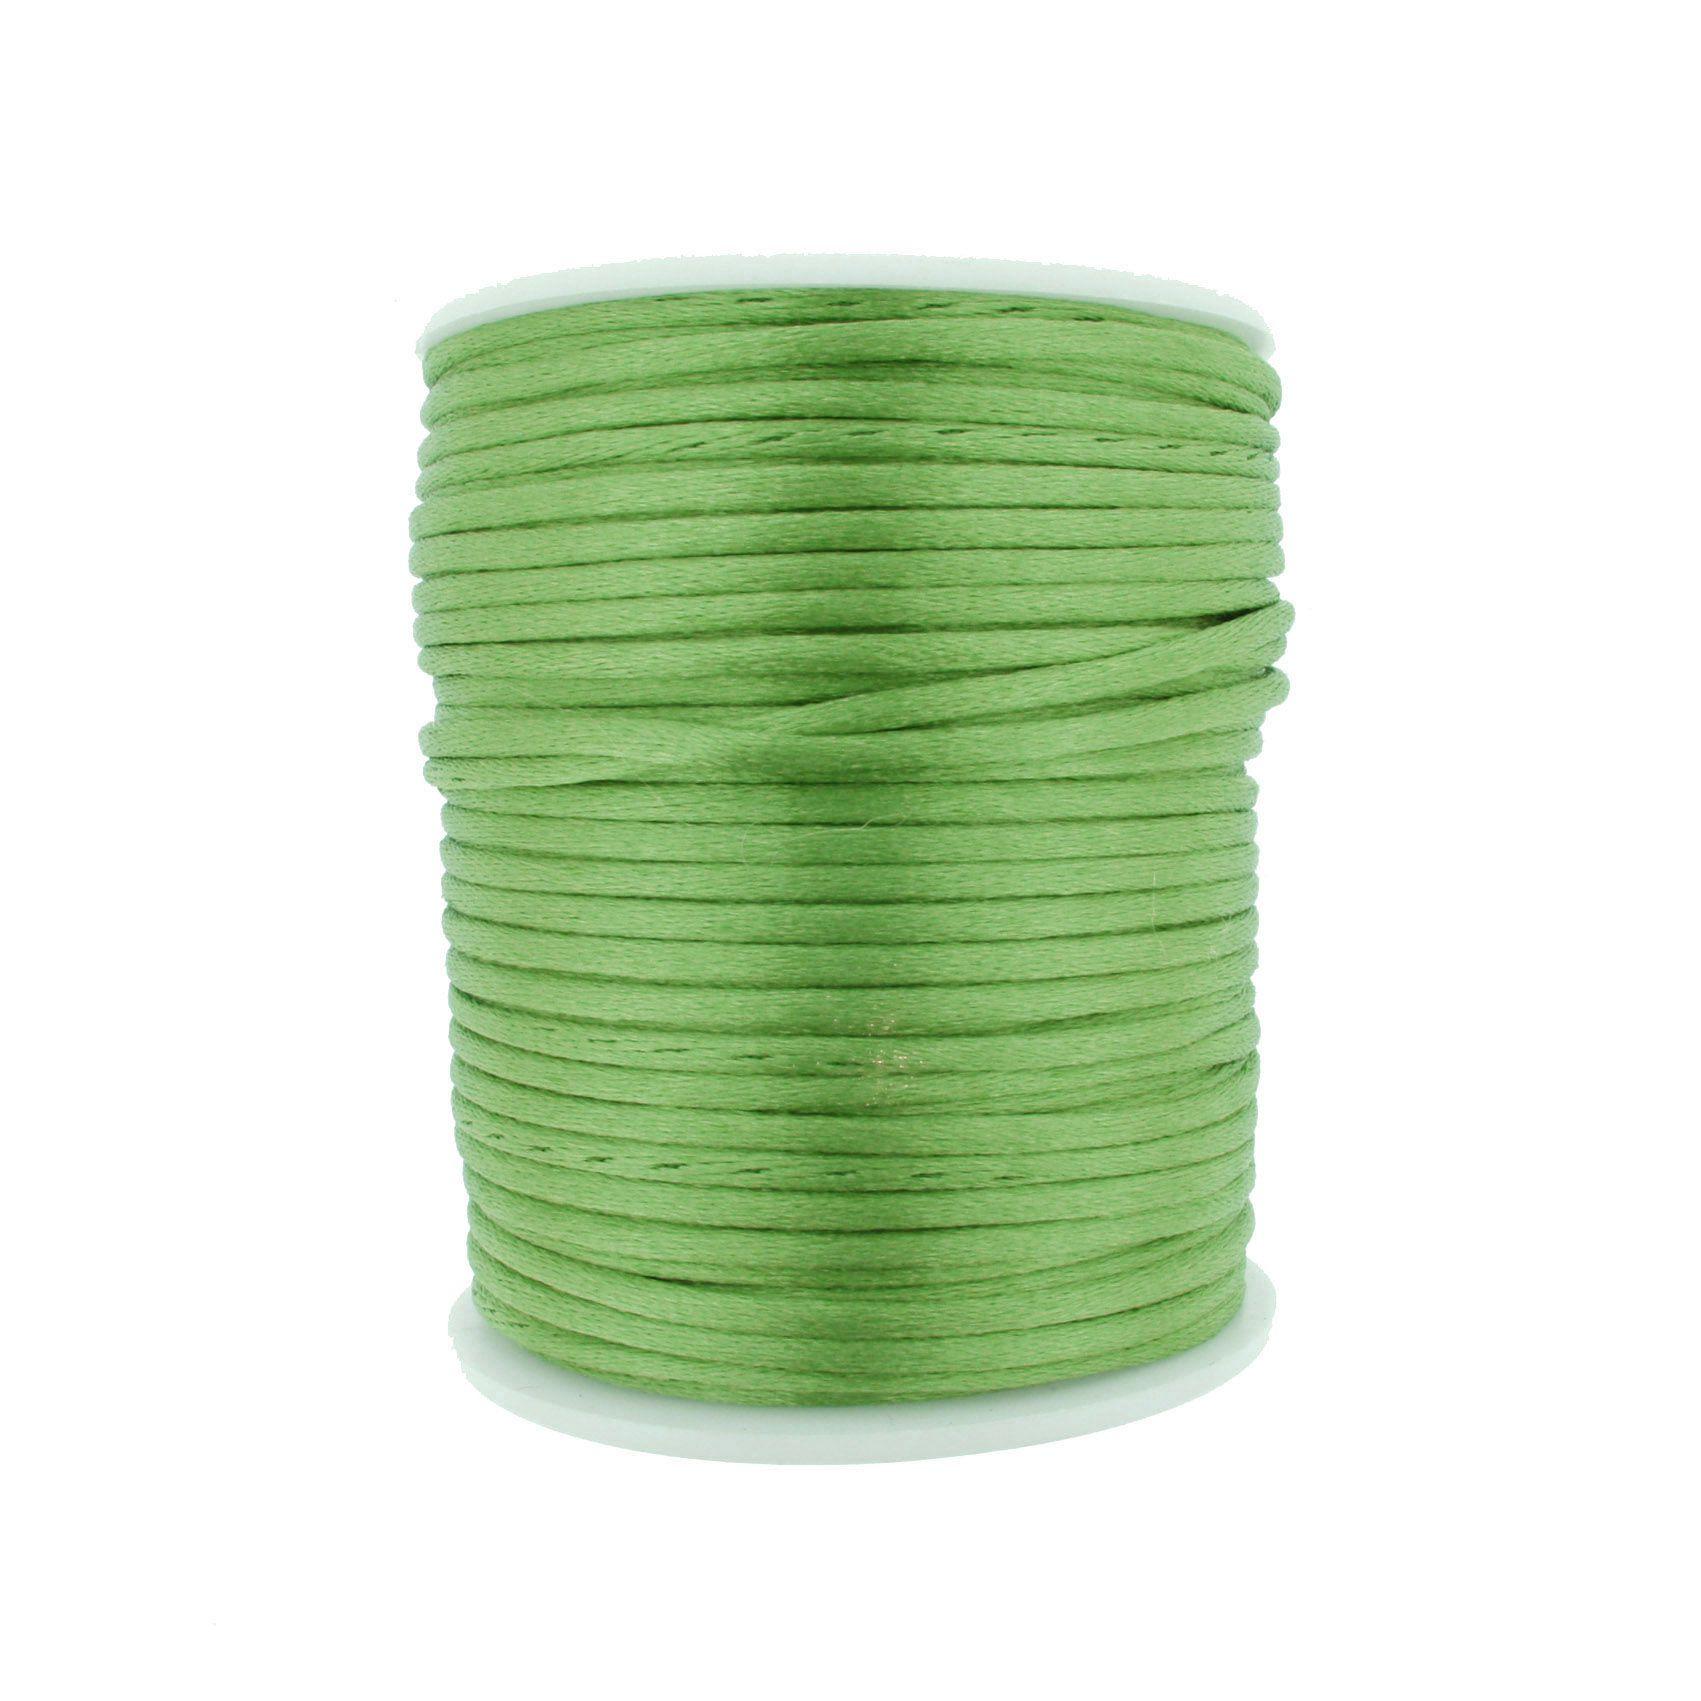 Cordão de Seda - Verde Claro - 2mm  - Stéphanie Bijoux® - Peças para Bijuterias e Artesanato